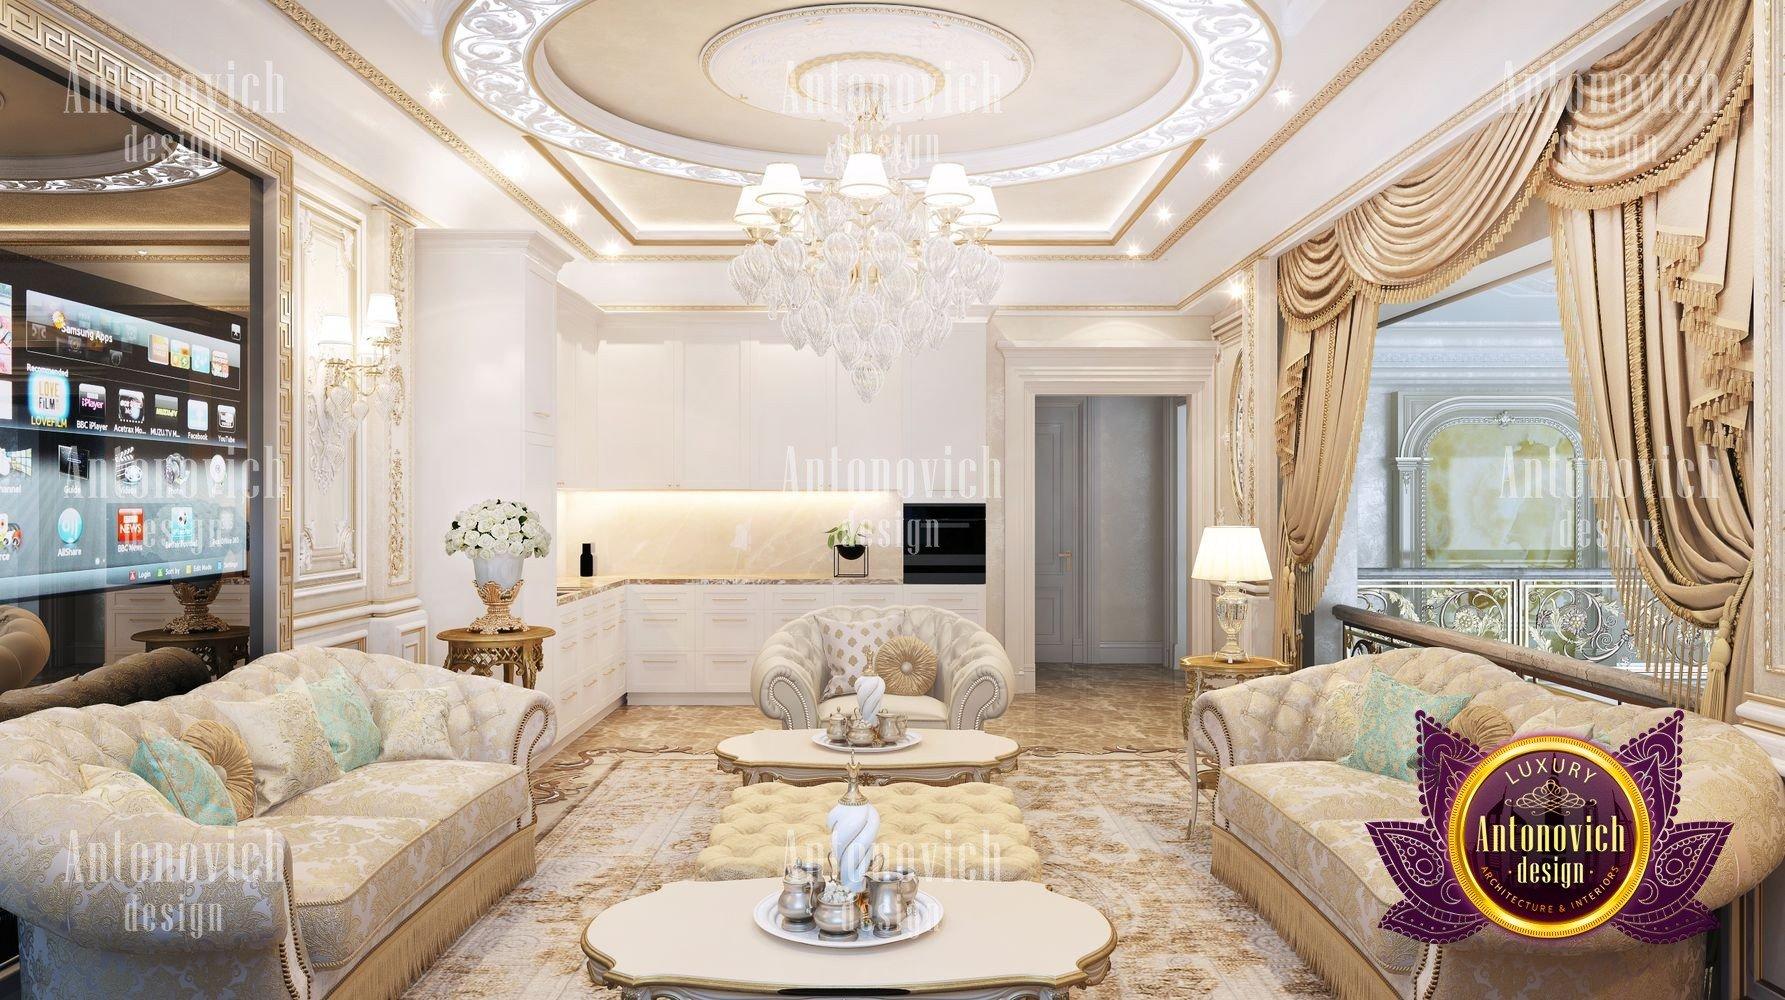 Luxury sitting room design   luxury interior design company in California